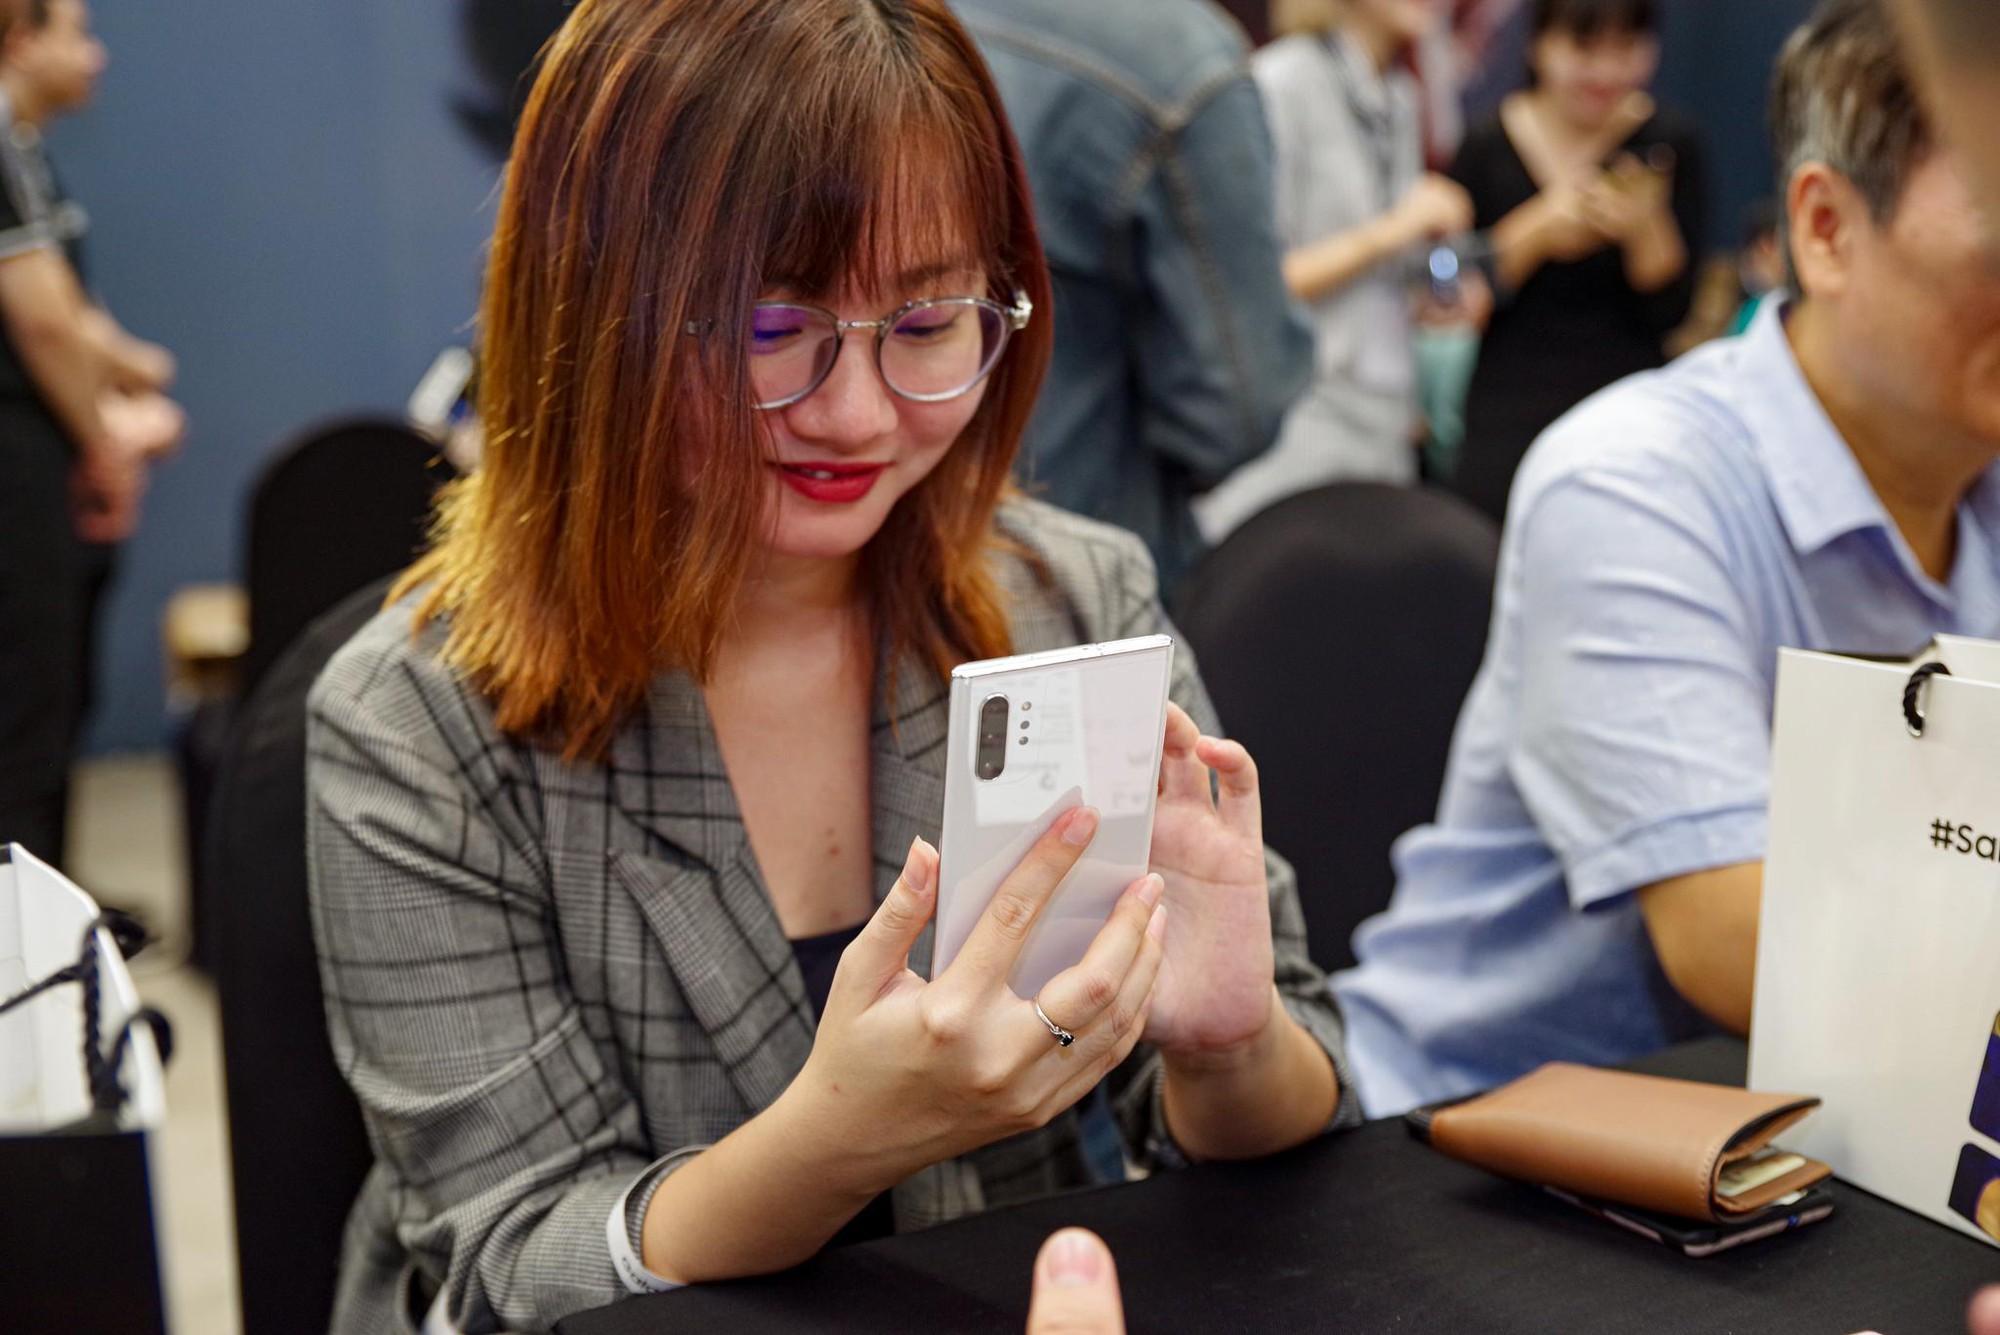 Cứ ngỡ Liên Bỉnh Phát xếp hàng mua Note10 ngày mở bán cho cô gái nào, đám đông bất ngờ nhận ra cô gái ấy là BB Trần - Ảnh 10.